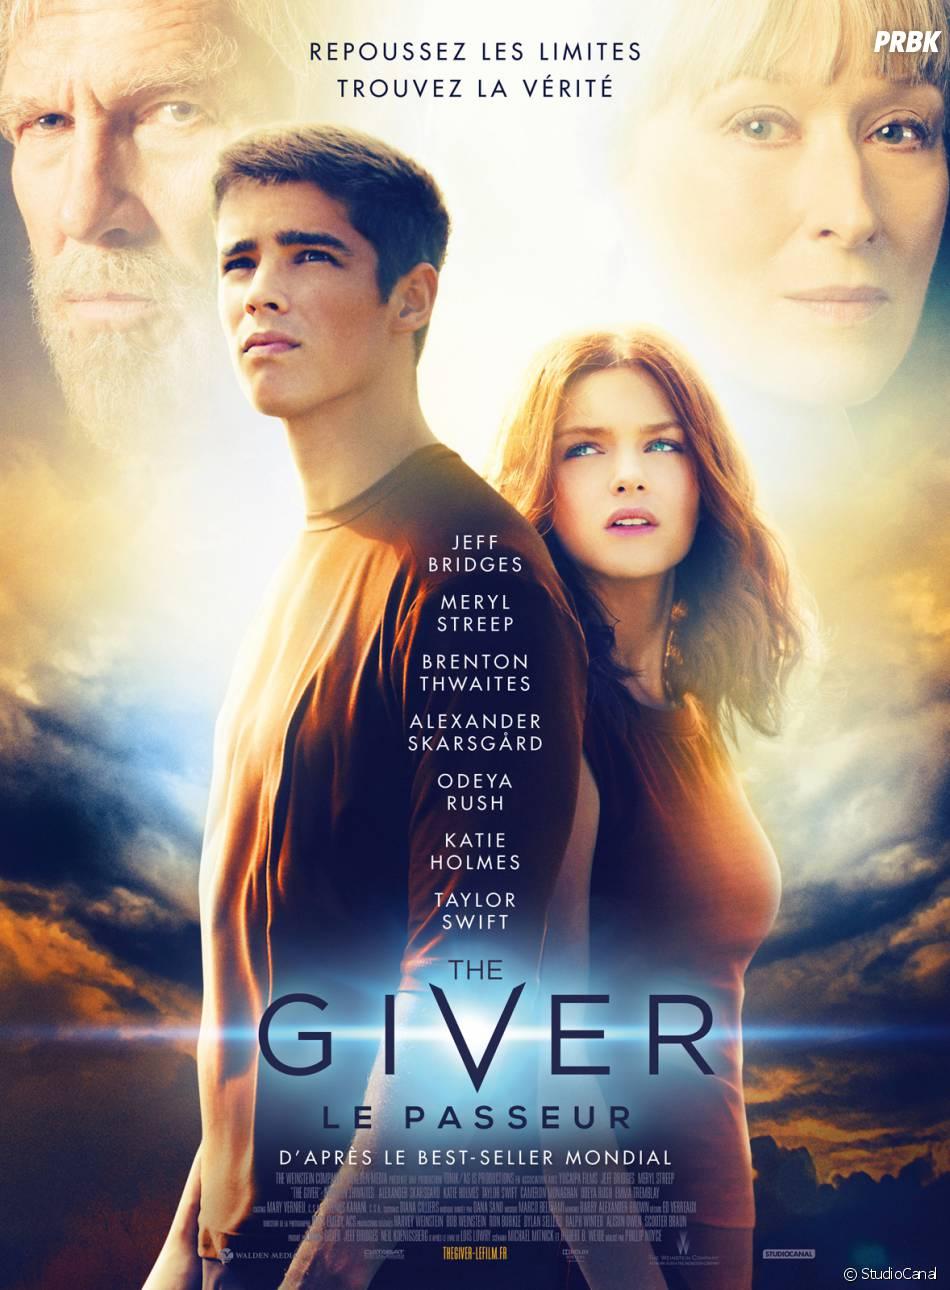 The Giver : affiche avec Brenton Thwaites, Odeya Rush, Jeff Bridges et Meryl Streep